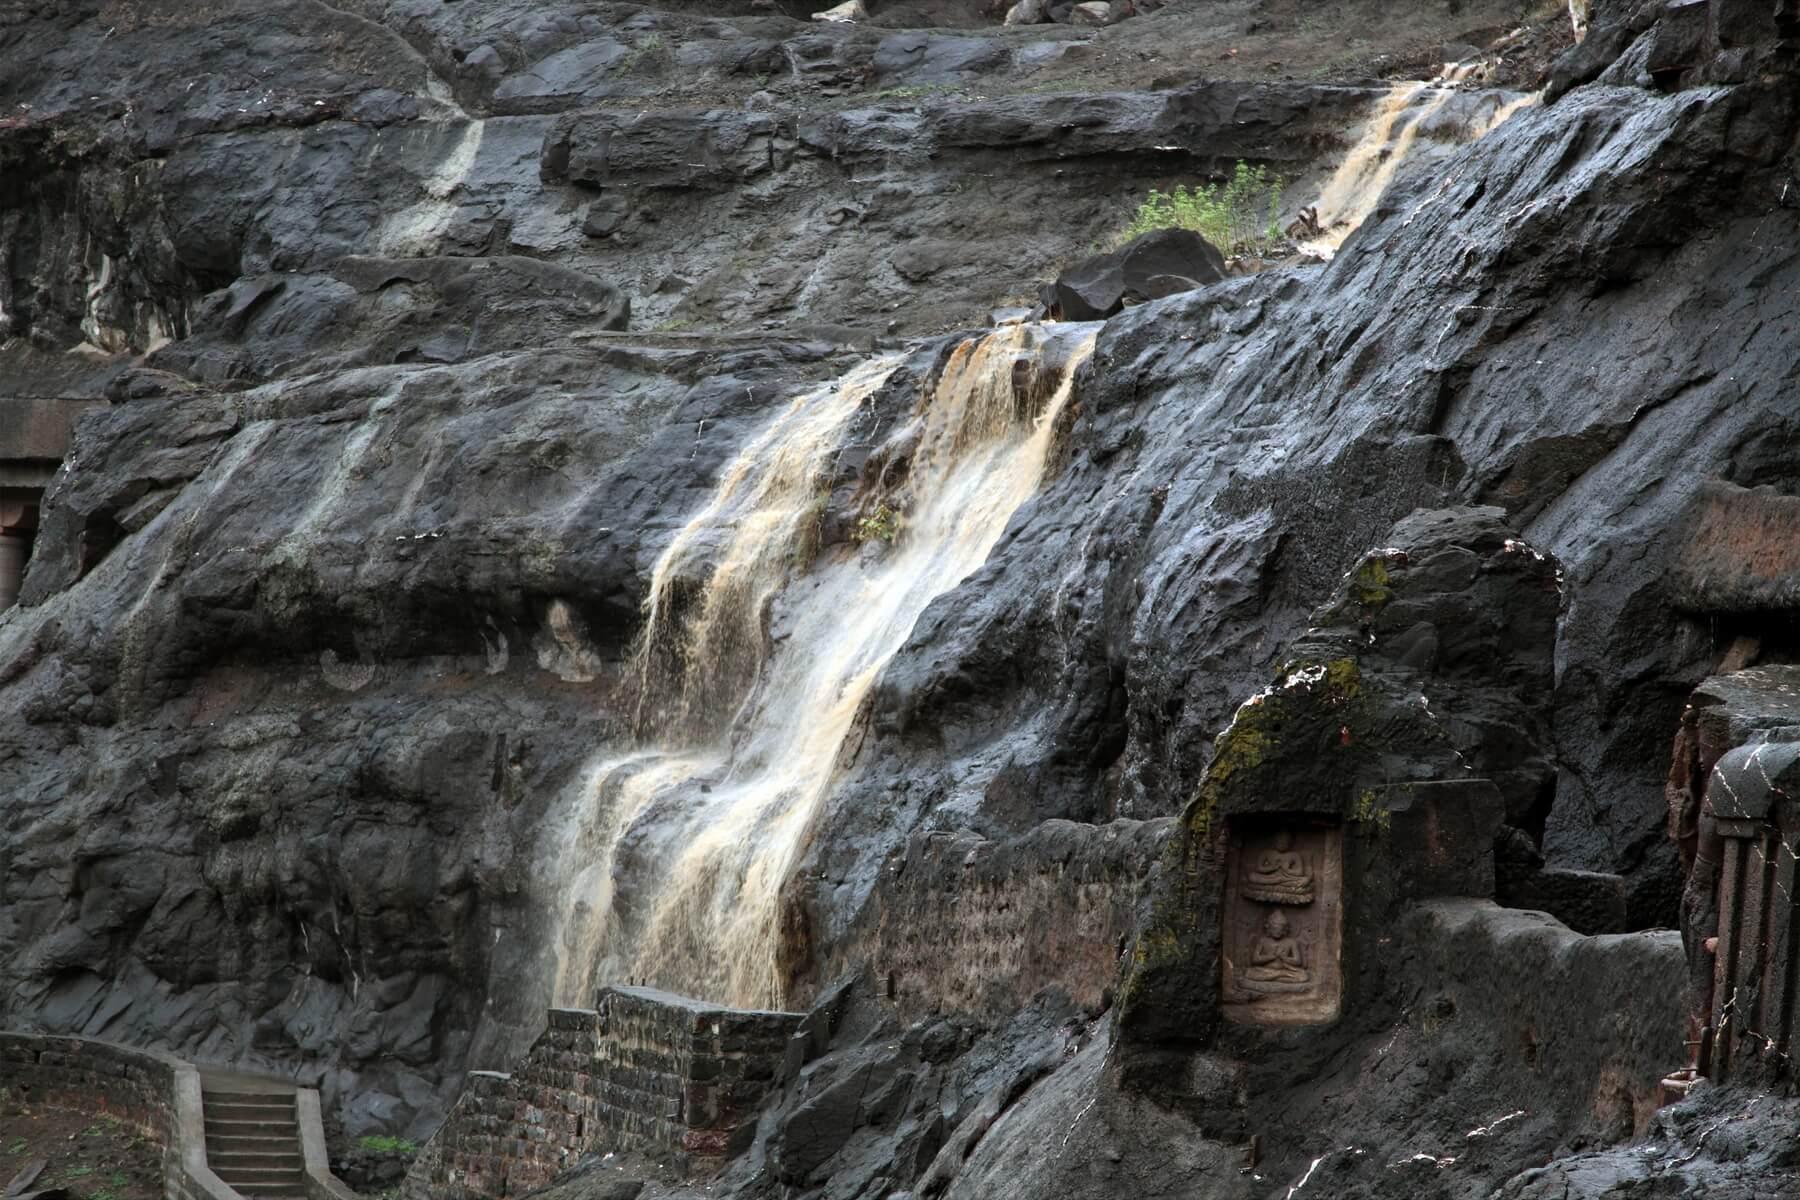 Die Ajanta-Höhlen gehören seit 1983 zum UNESCO-Weltkulturerbe und bestehen aus mehreren Höhlentempeln